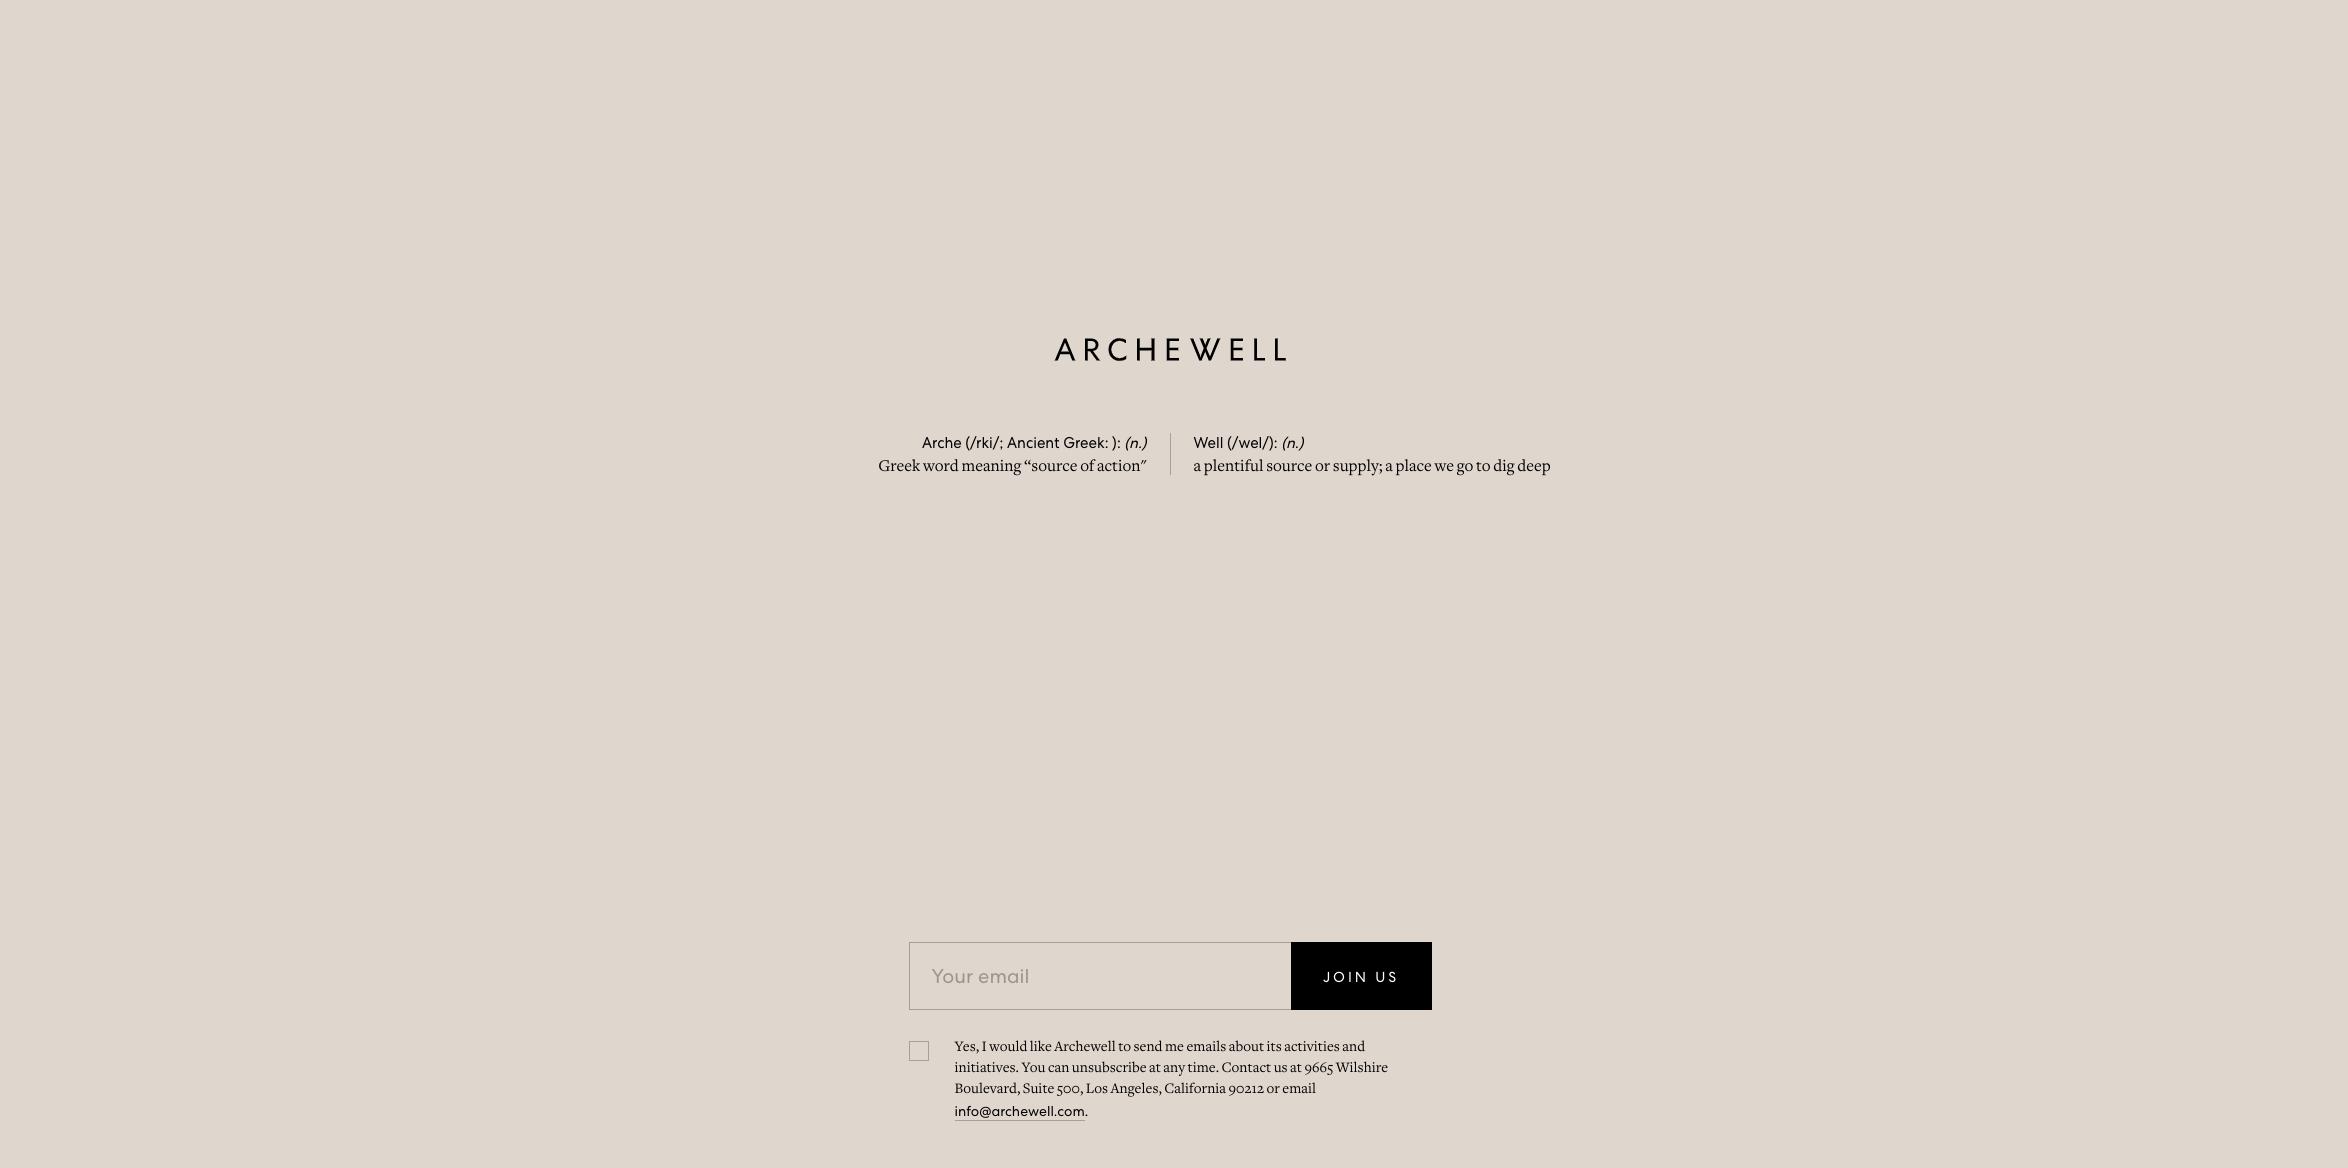 Meghan y Harry lanzan sitio web para su fundación, Archewell